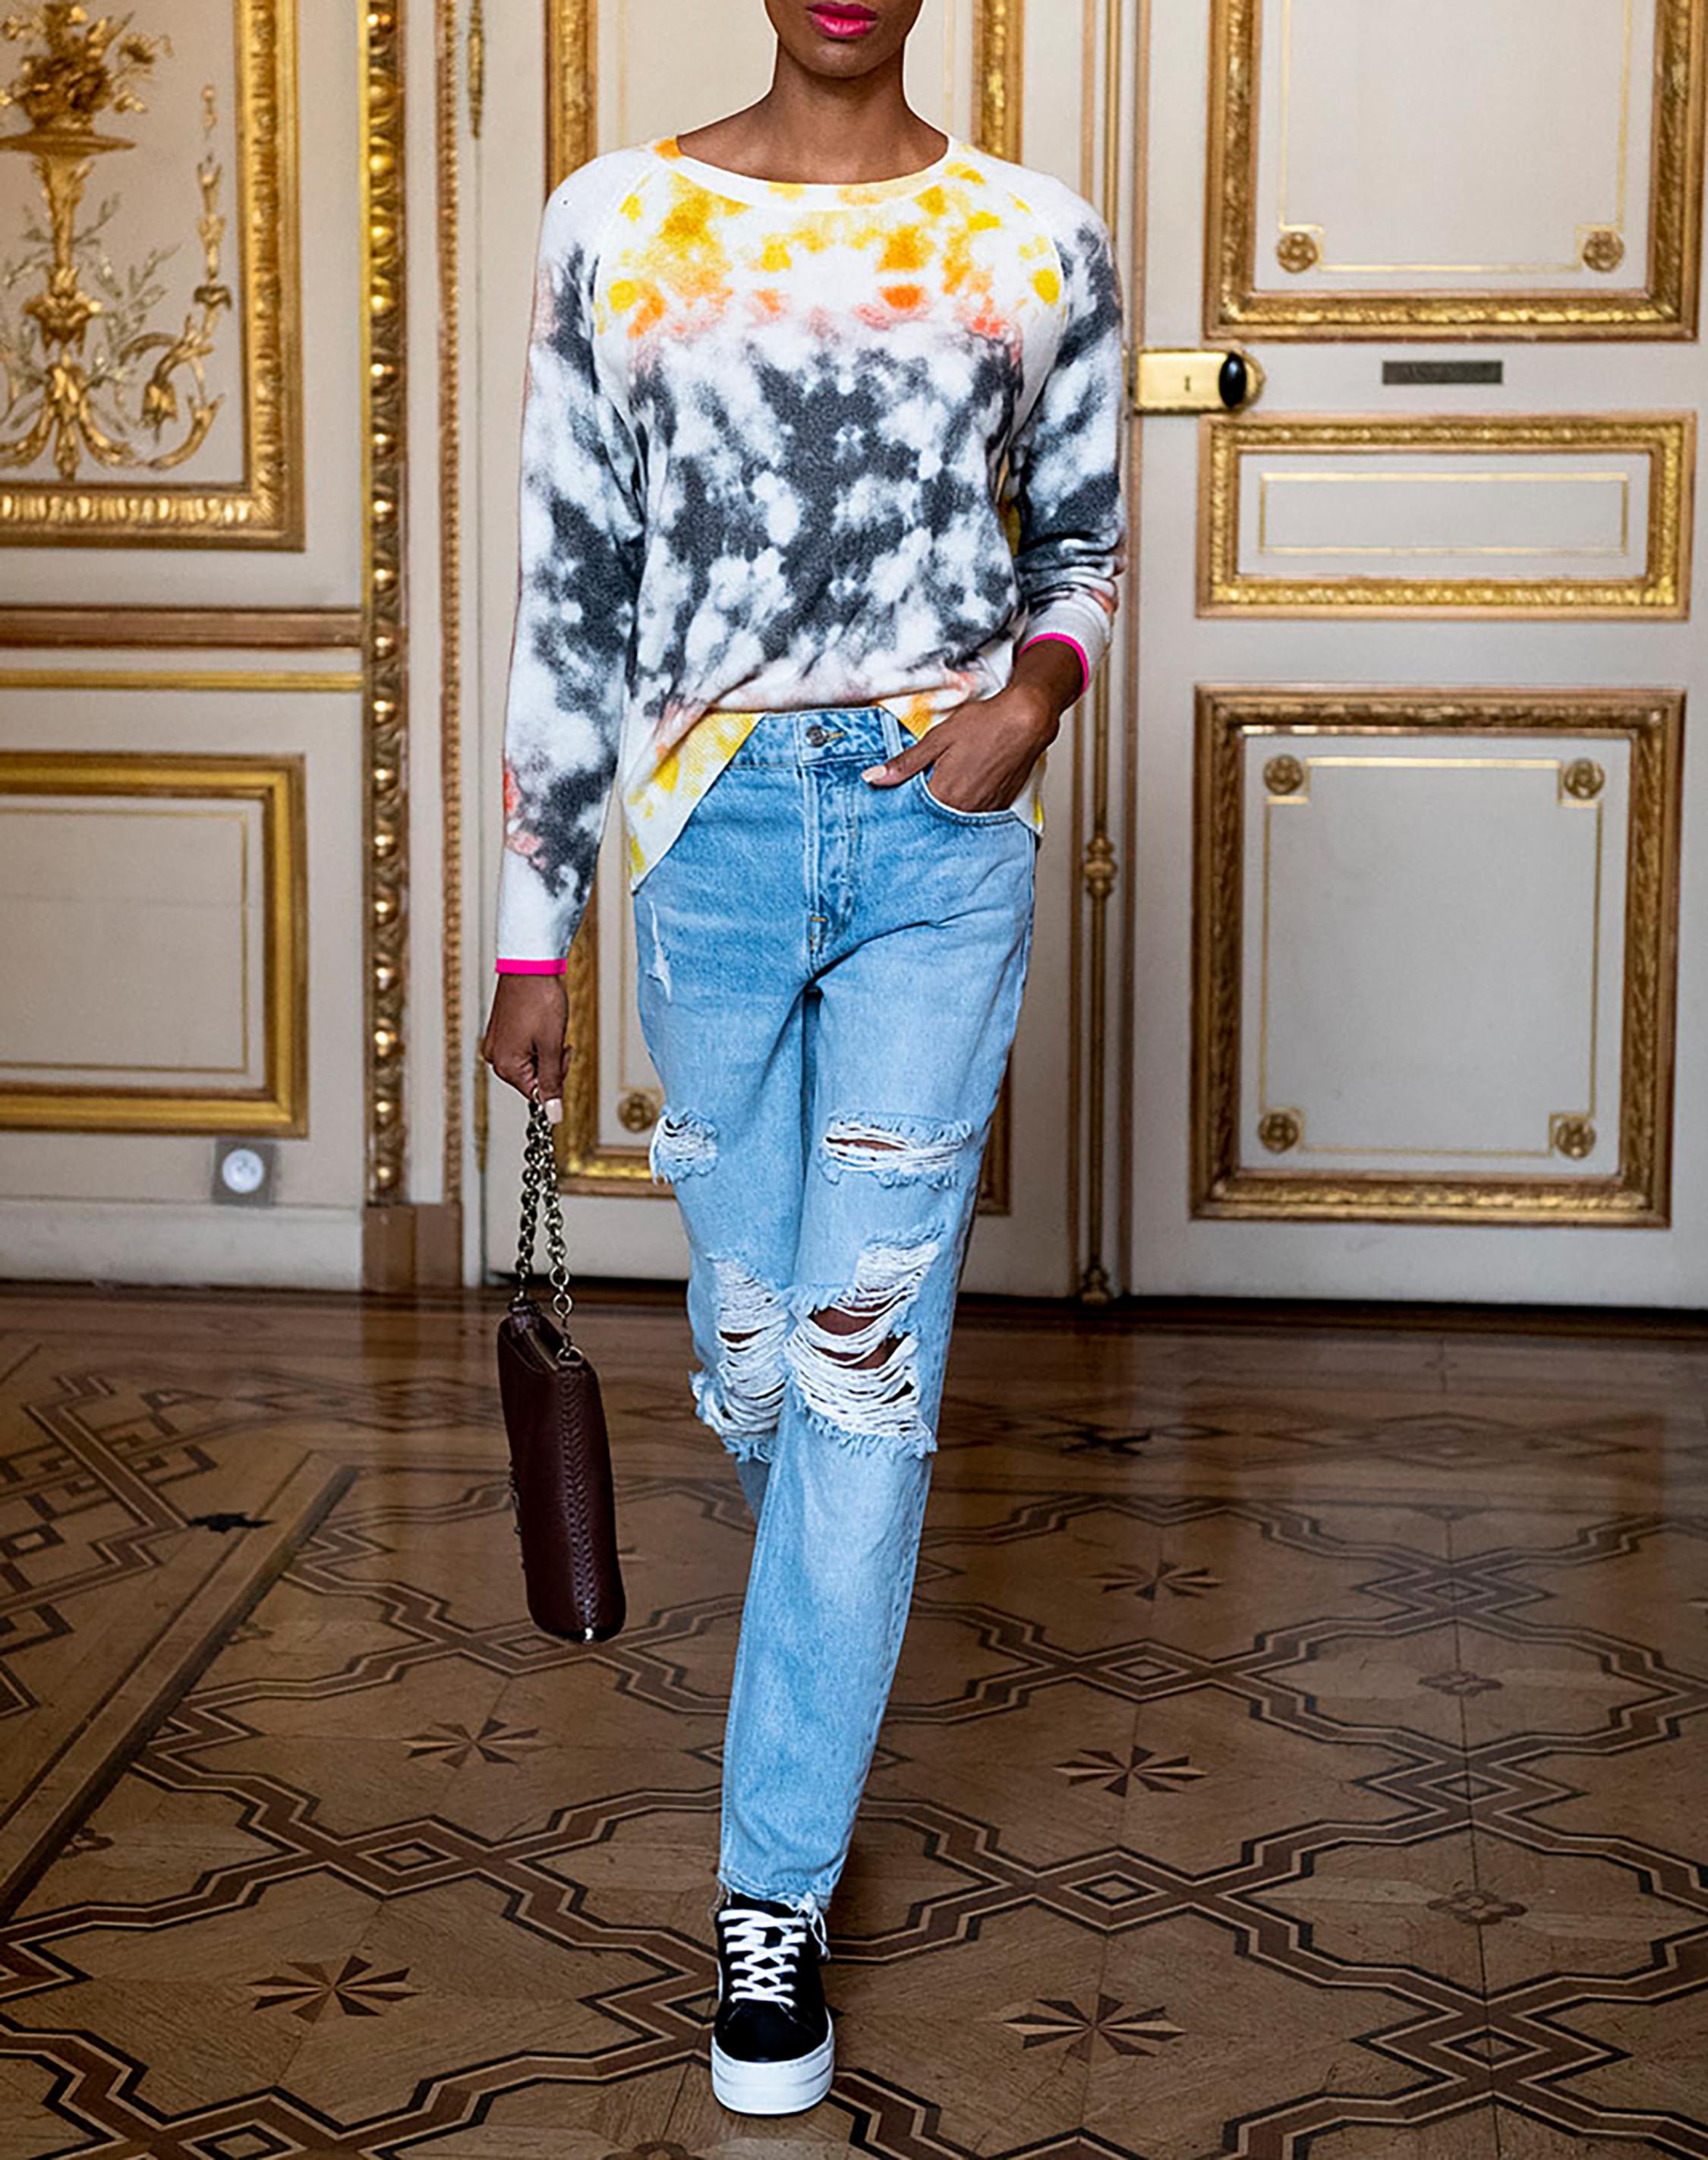 Emilia Tie-Dye Sweater